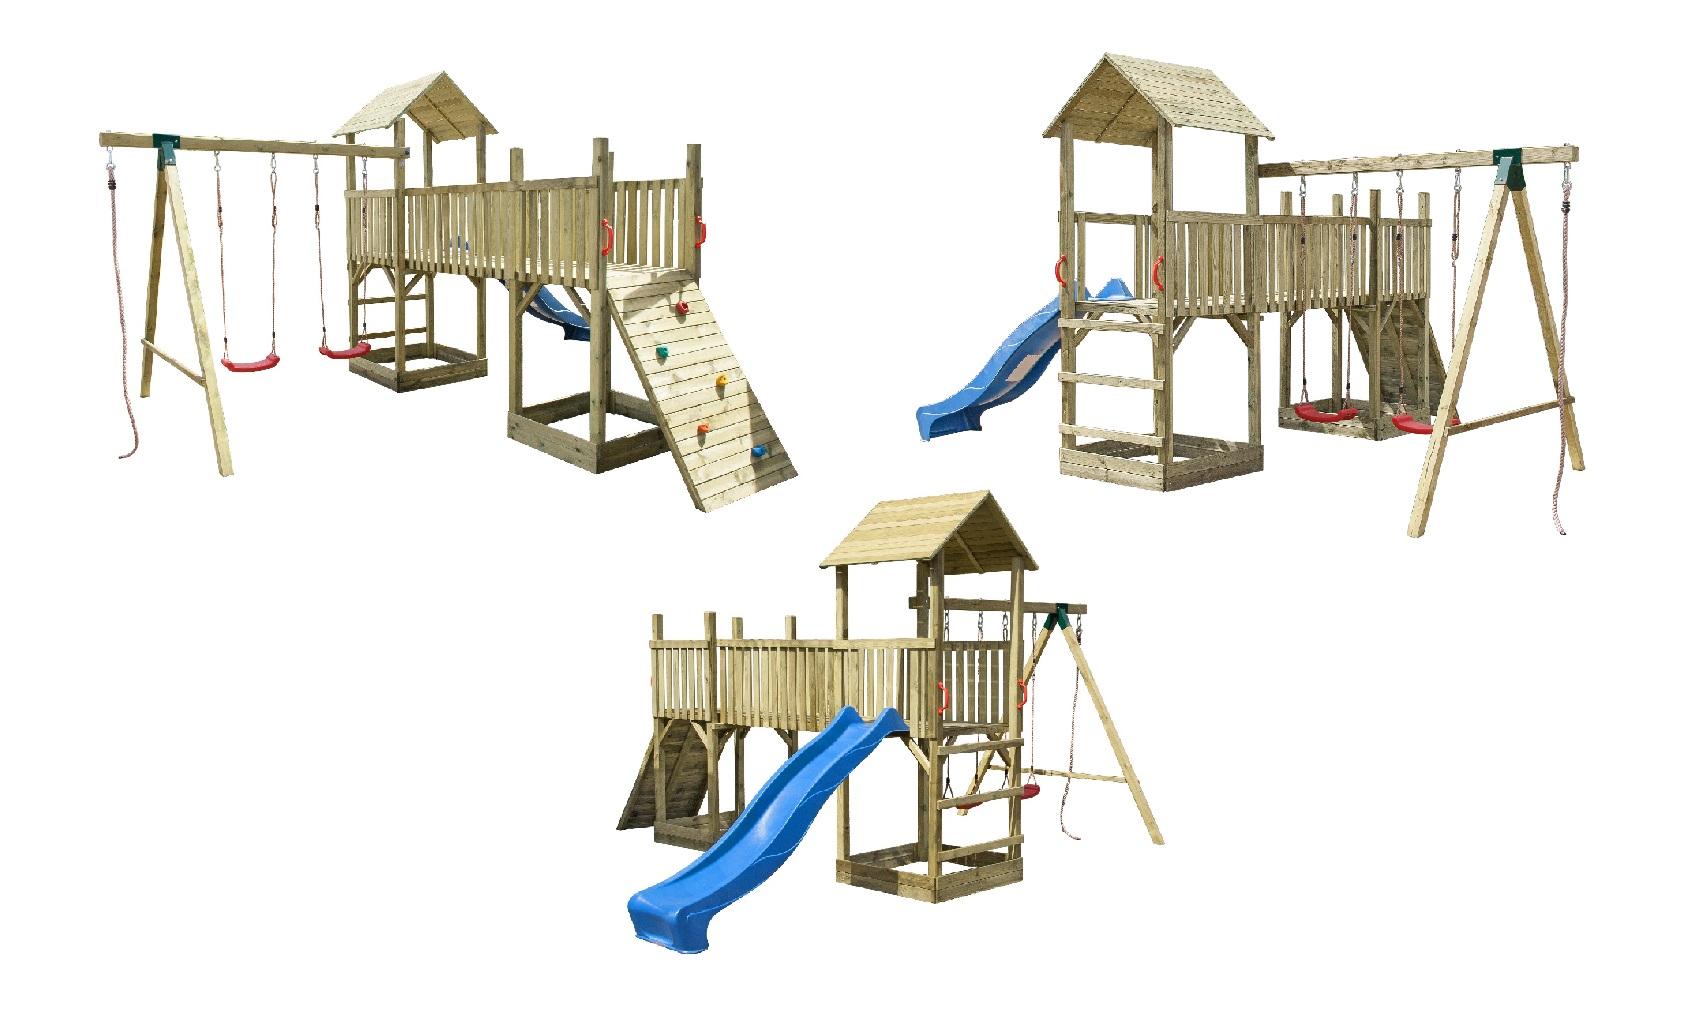 Giochi Per Bambini In Giardino altalena con scivolo e giochi da giardino per bambini in